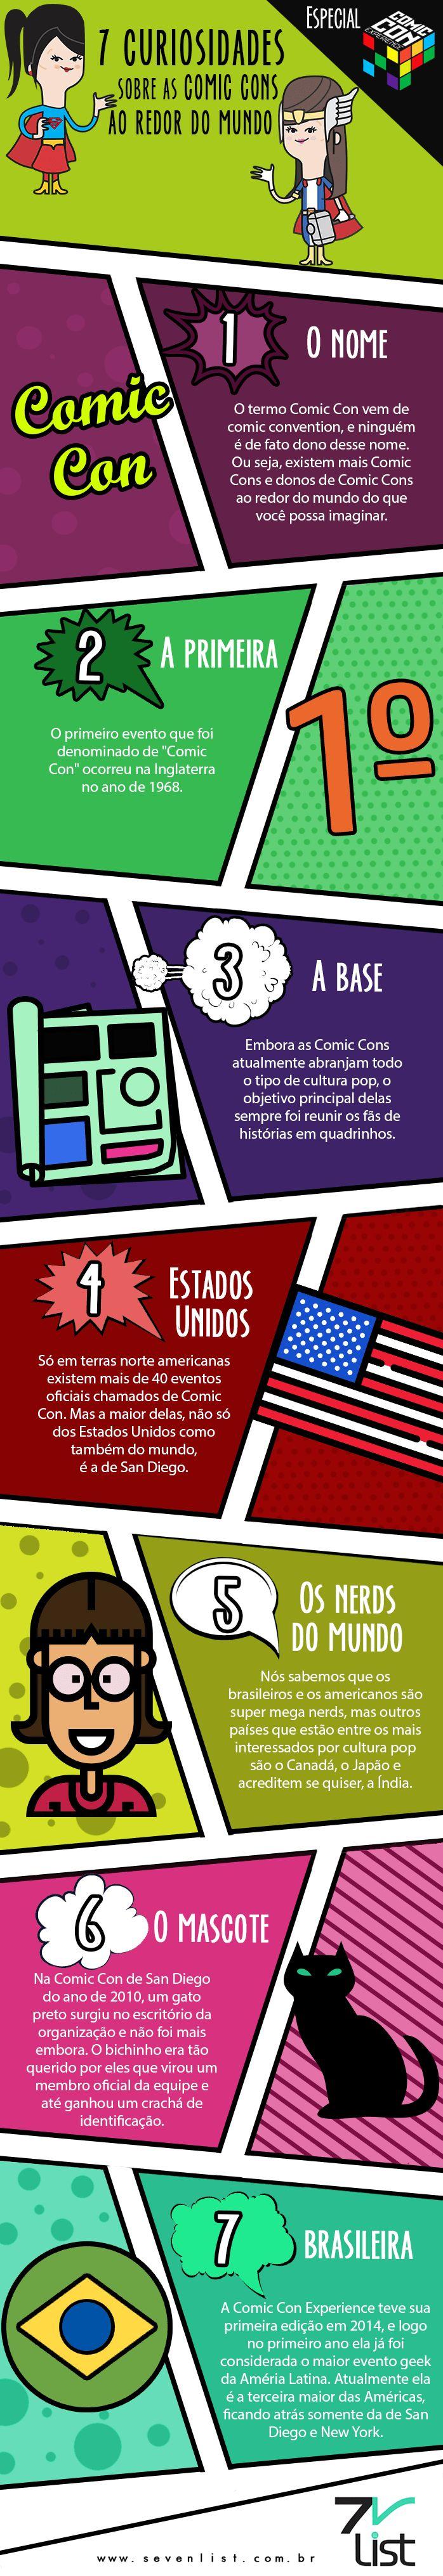 Começou hoje, em São Paulo, a Comic Con Experience 2016. Nós do Seven List estaremos lá de sexta-feira a domingo, cobrindo todo o evento especialmente para você. E para ir esquentando, veja 7 curiosidades sobre as Comic Cons ao redor do mundo. #SevenList #CCXP #CCXP2016 #COMICCON #COMIC #NERD #NERDICE #ART #INFOGRÁFICO #HEROES #GEEK #CULTURAPOP #CINEMA #CINE #MOVIE #FILM #HQ #QUADRINHOS #TV #TVSHOW #SERIES #MARVEL #DC #COSPLAY